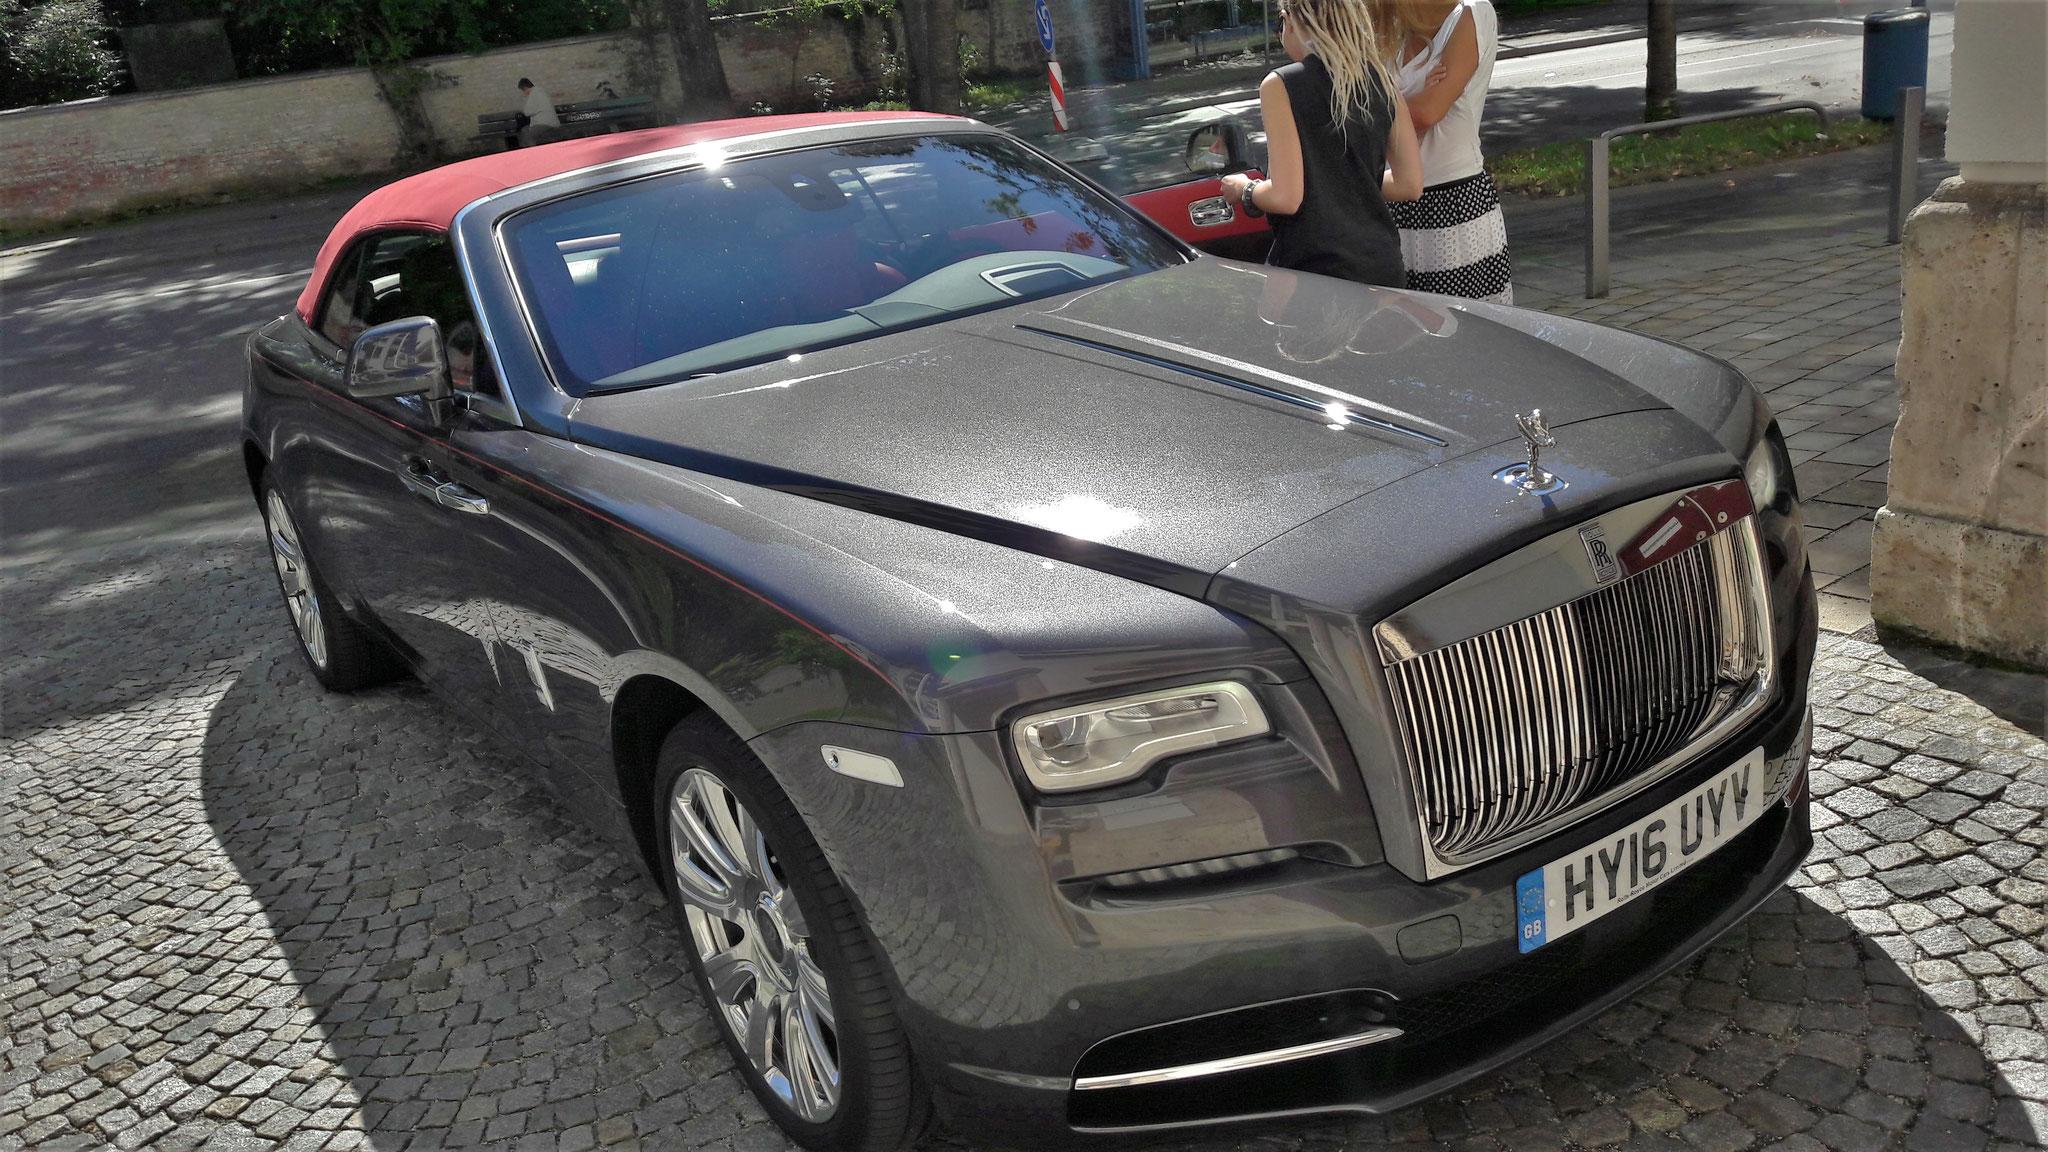 Rolls Royce Dawn - HY16-UYV (GB)